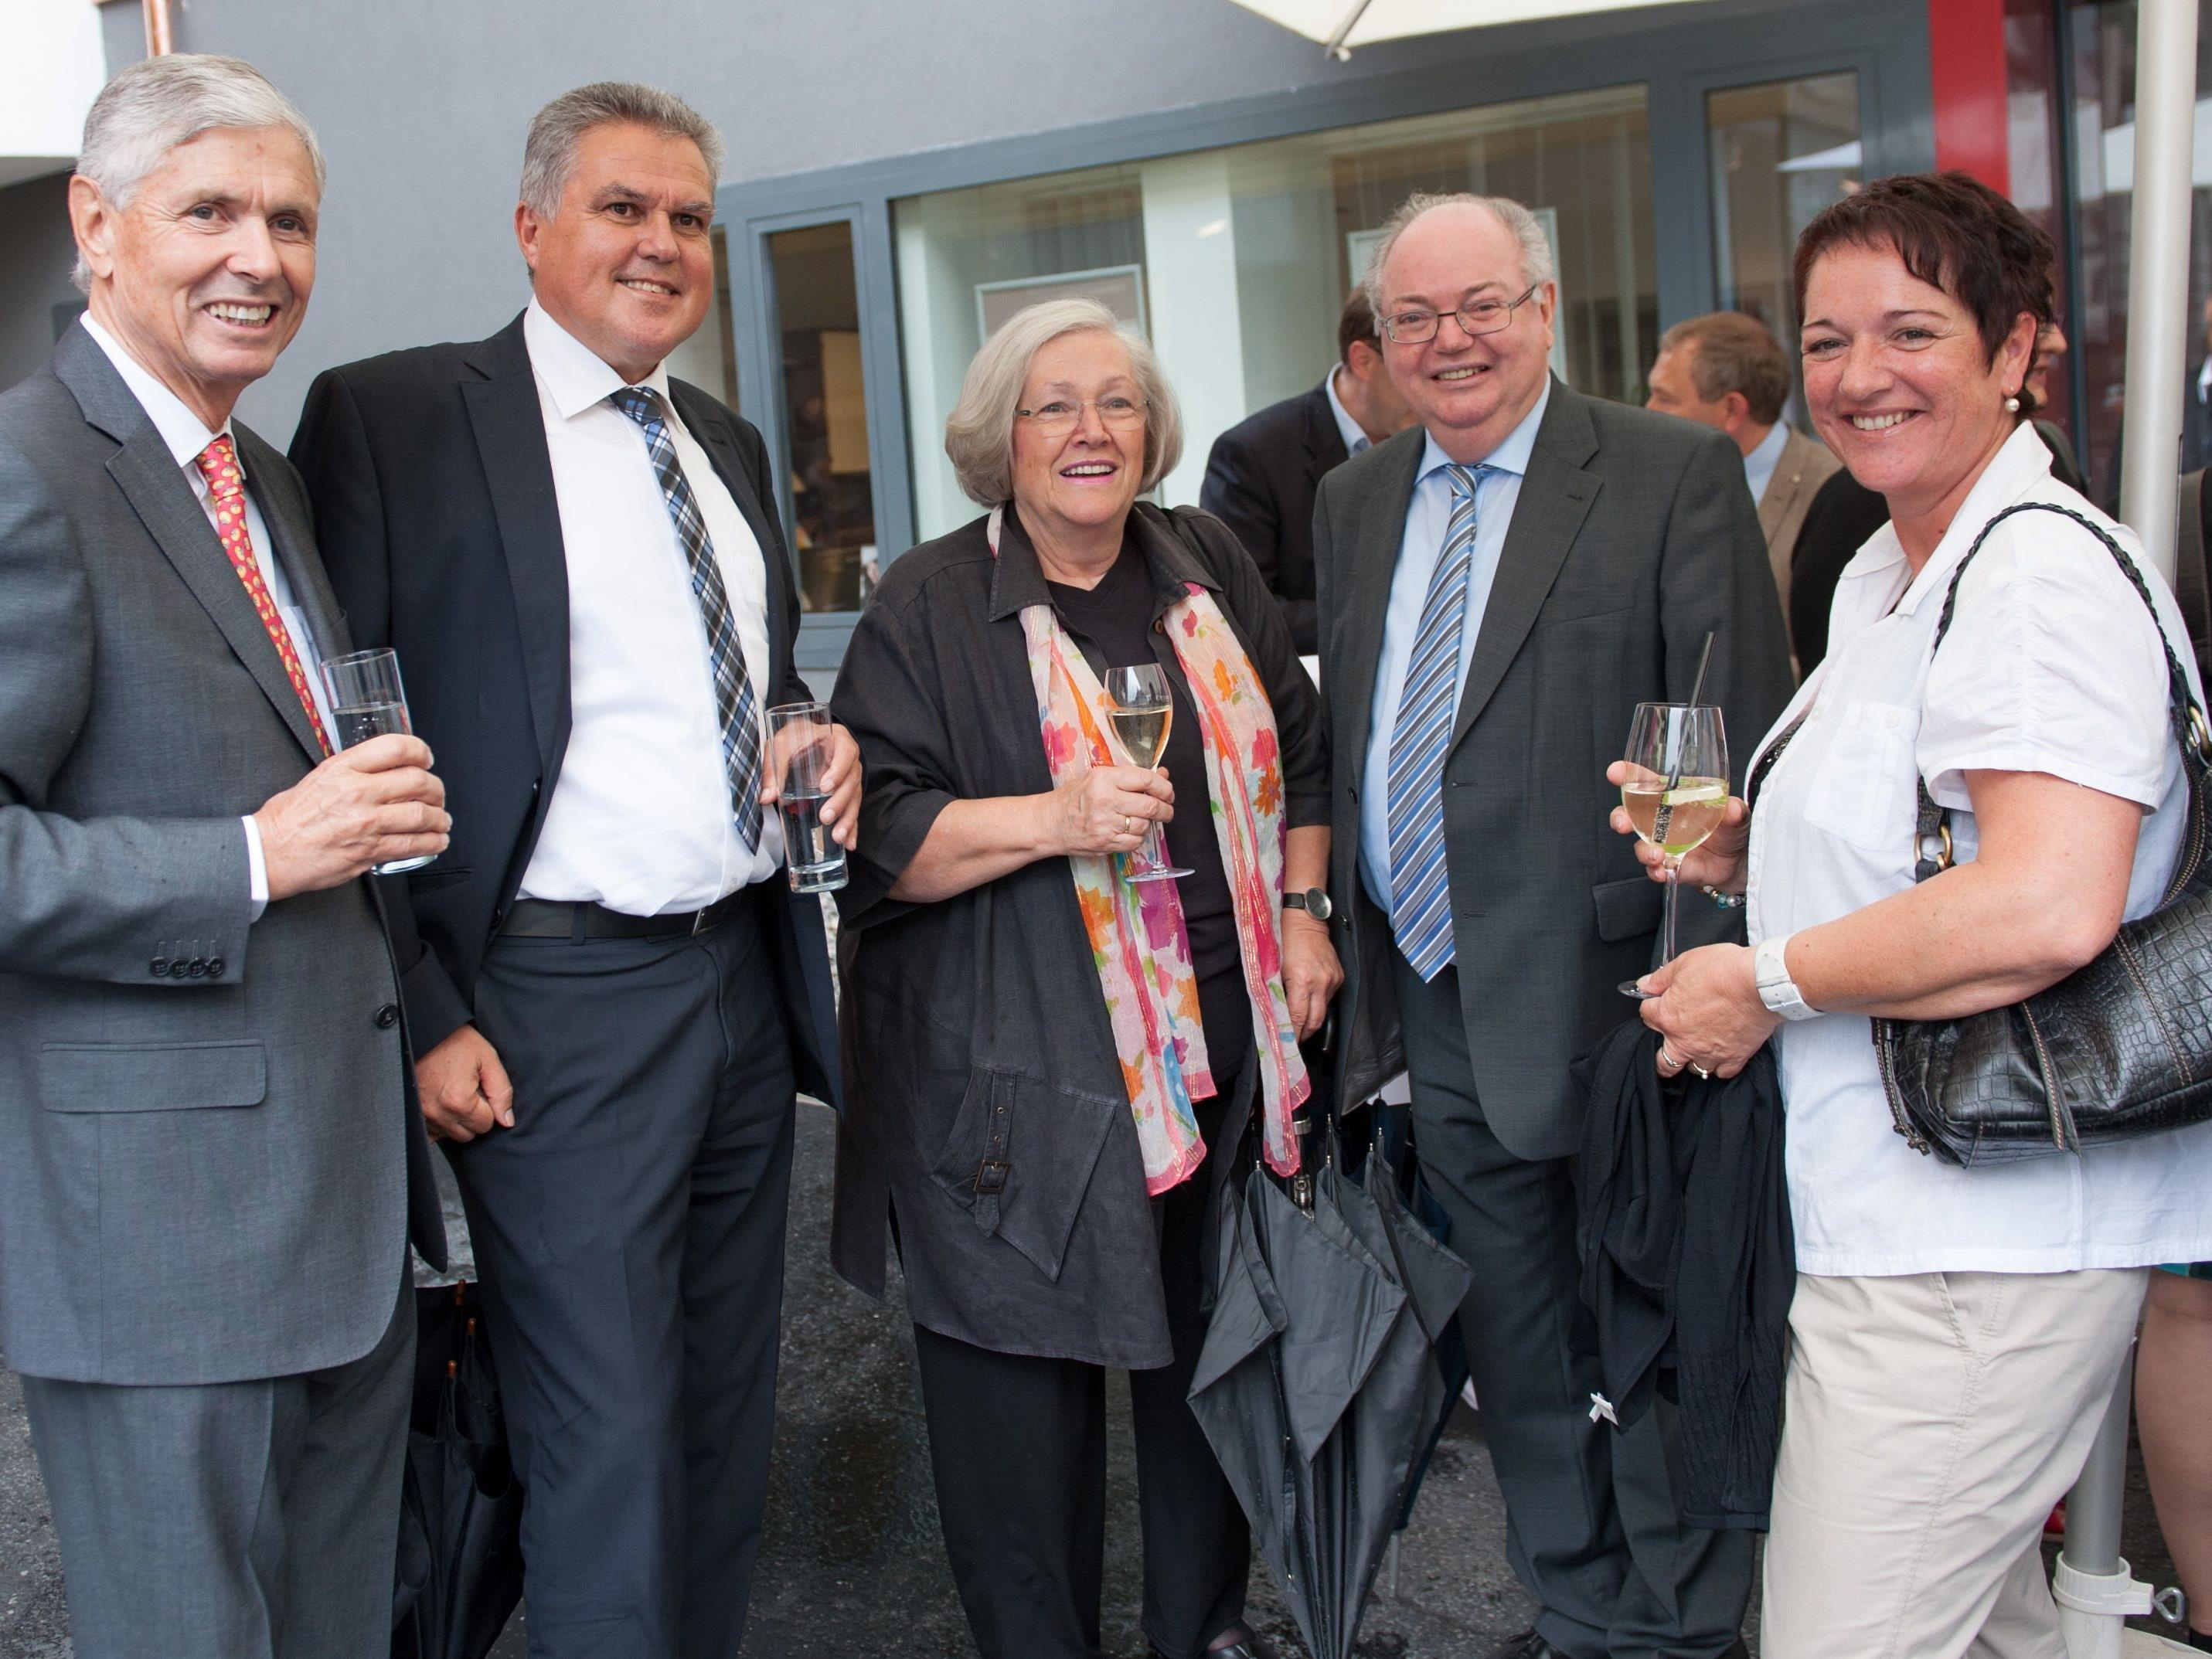 Walter Heinz Rhomberg, Günter Thurnher, Ingrid Sonntag, Wolfgang Rümmele und Monika Thurnher